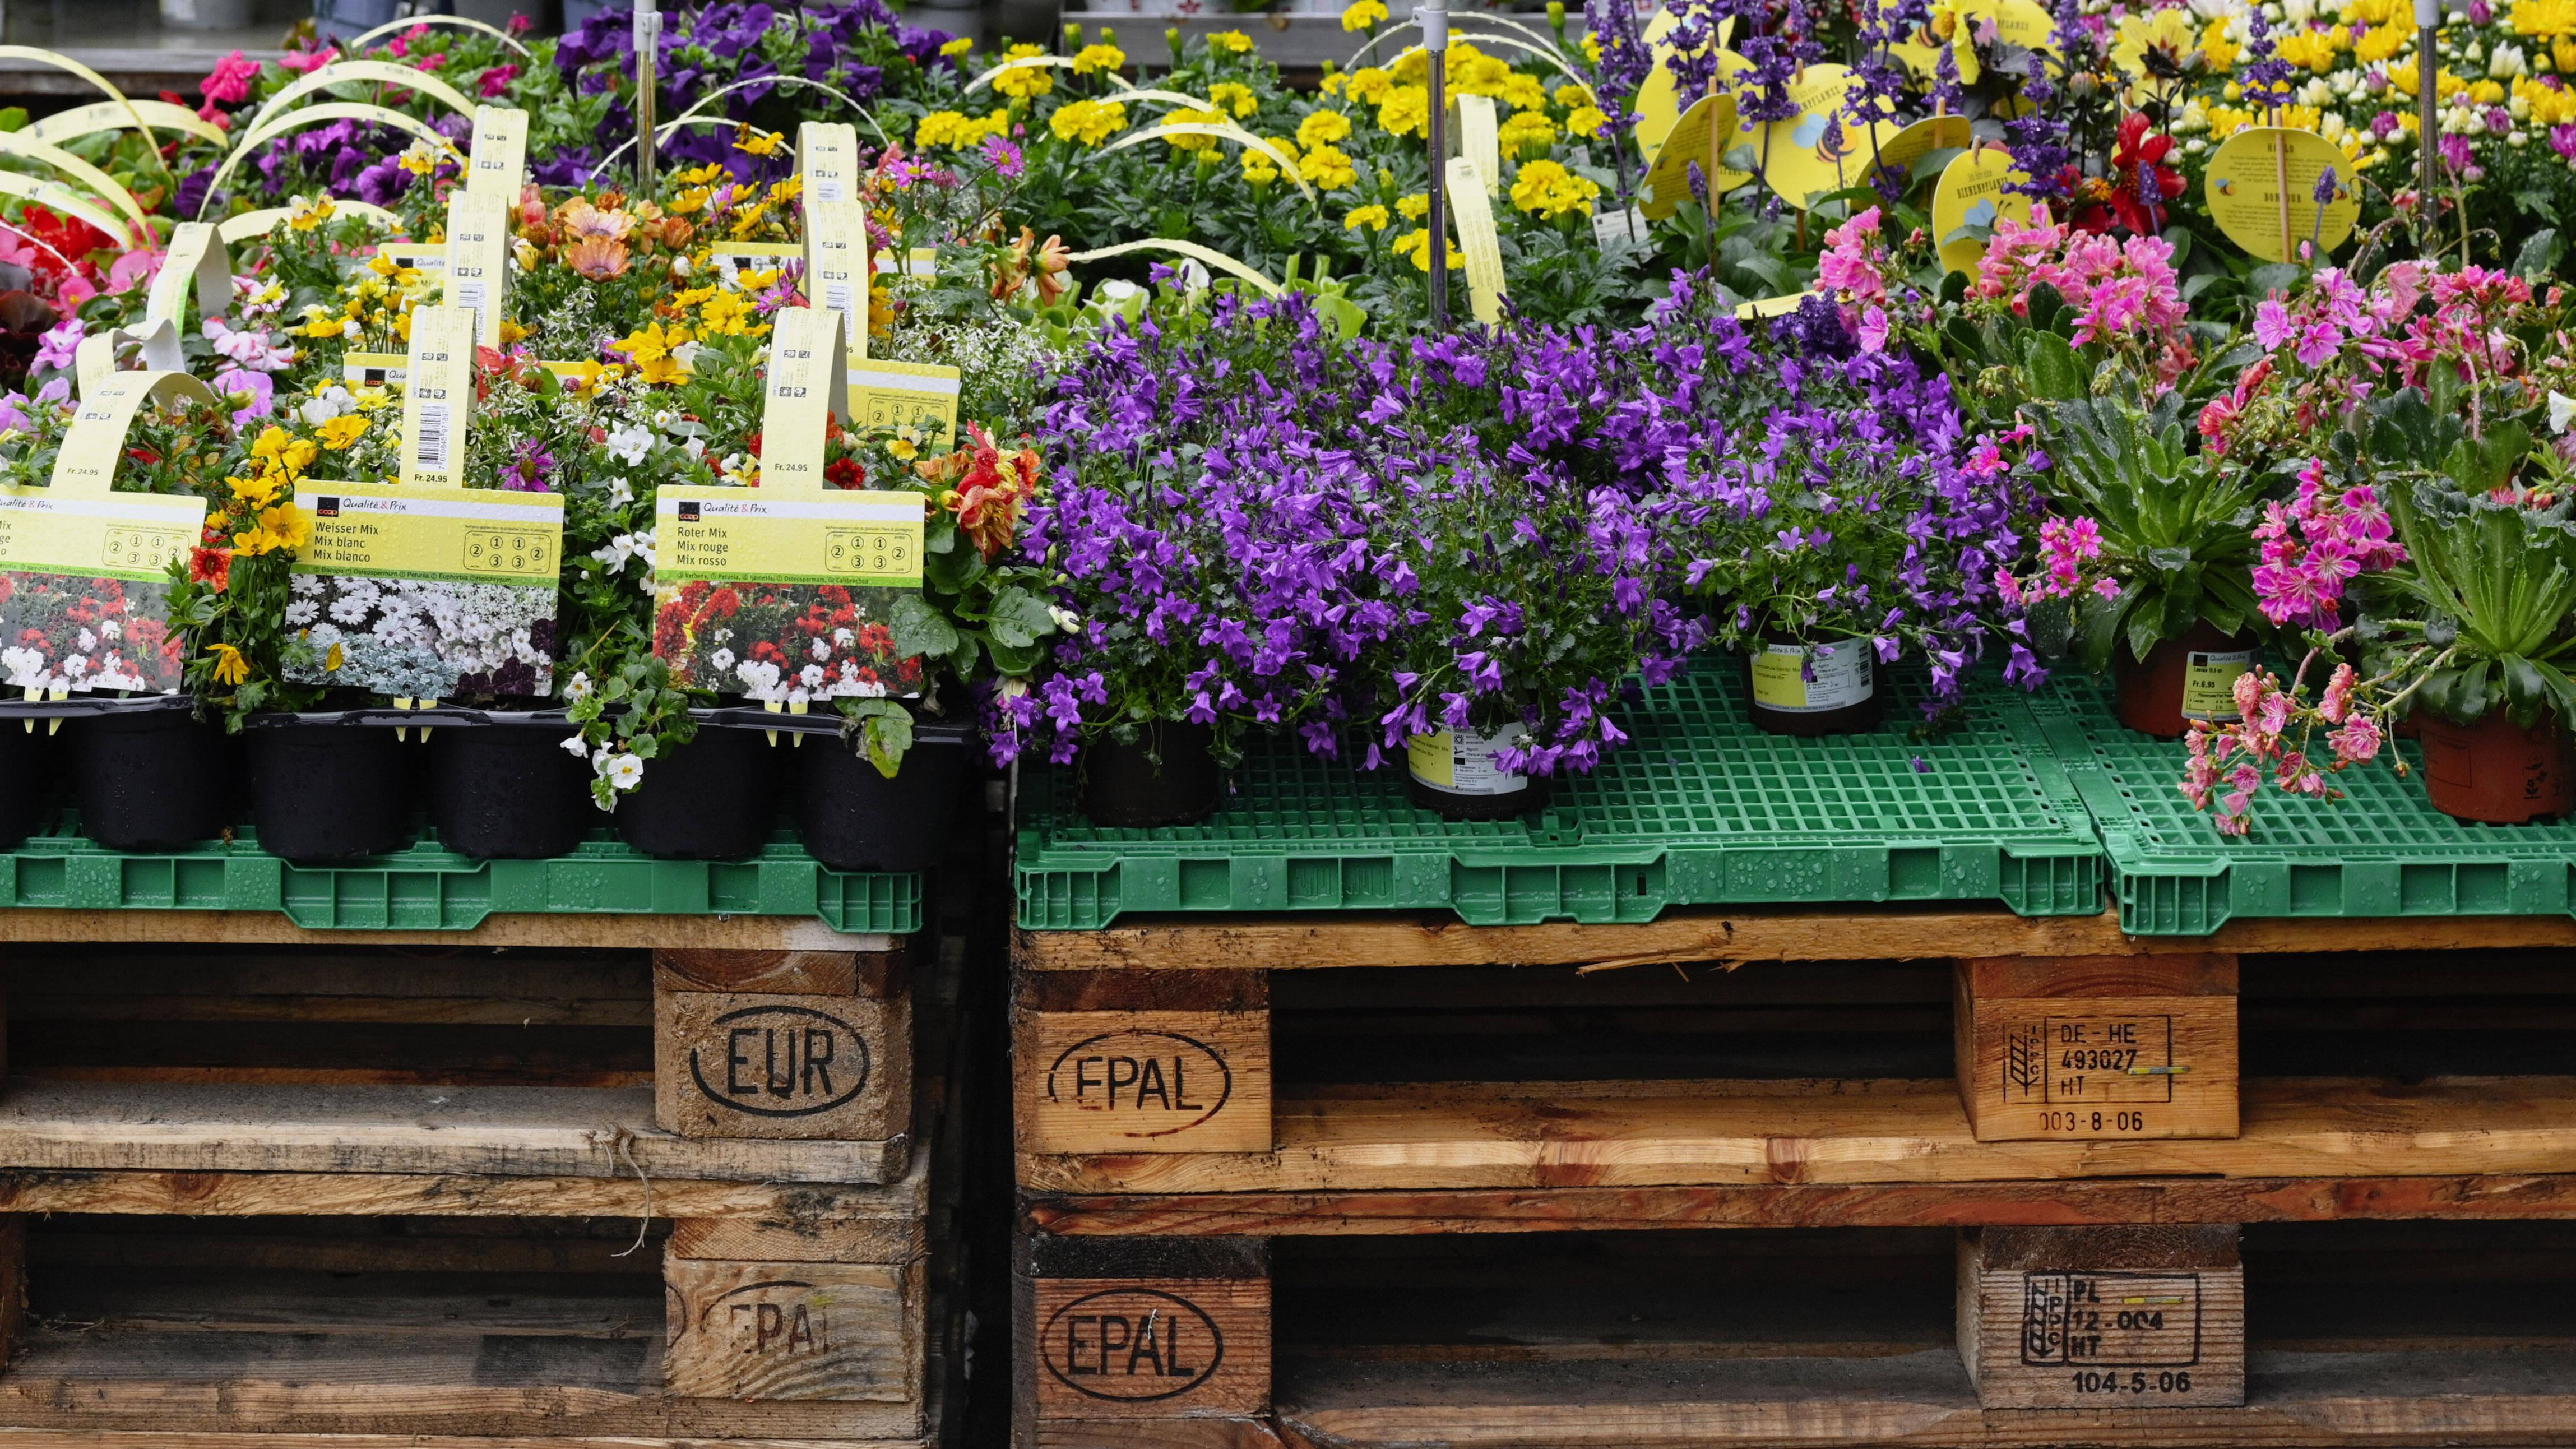 Europalette bepflanzen: So legen Sie einen vertikalen Garten an